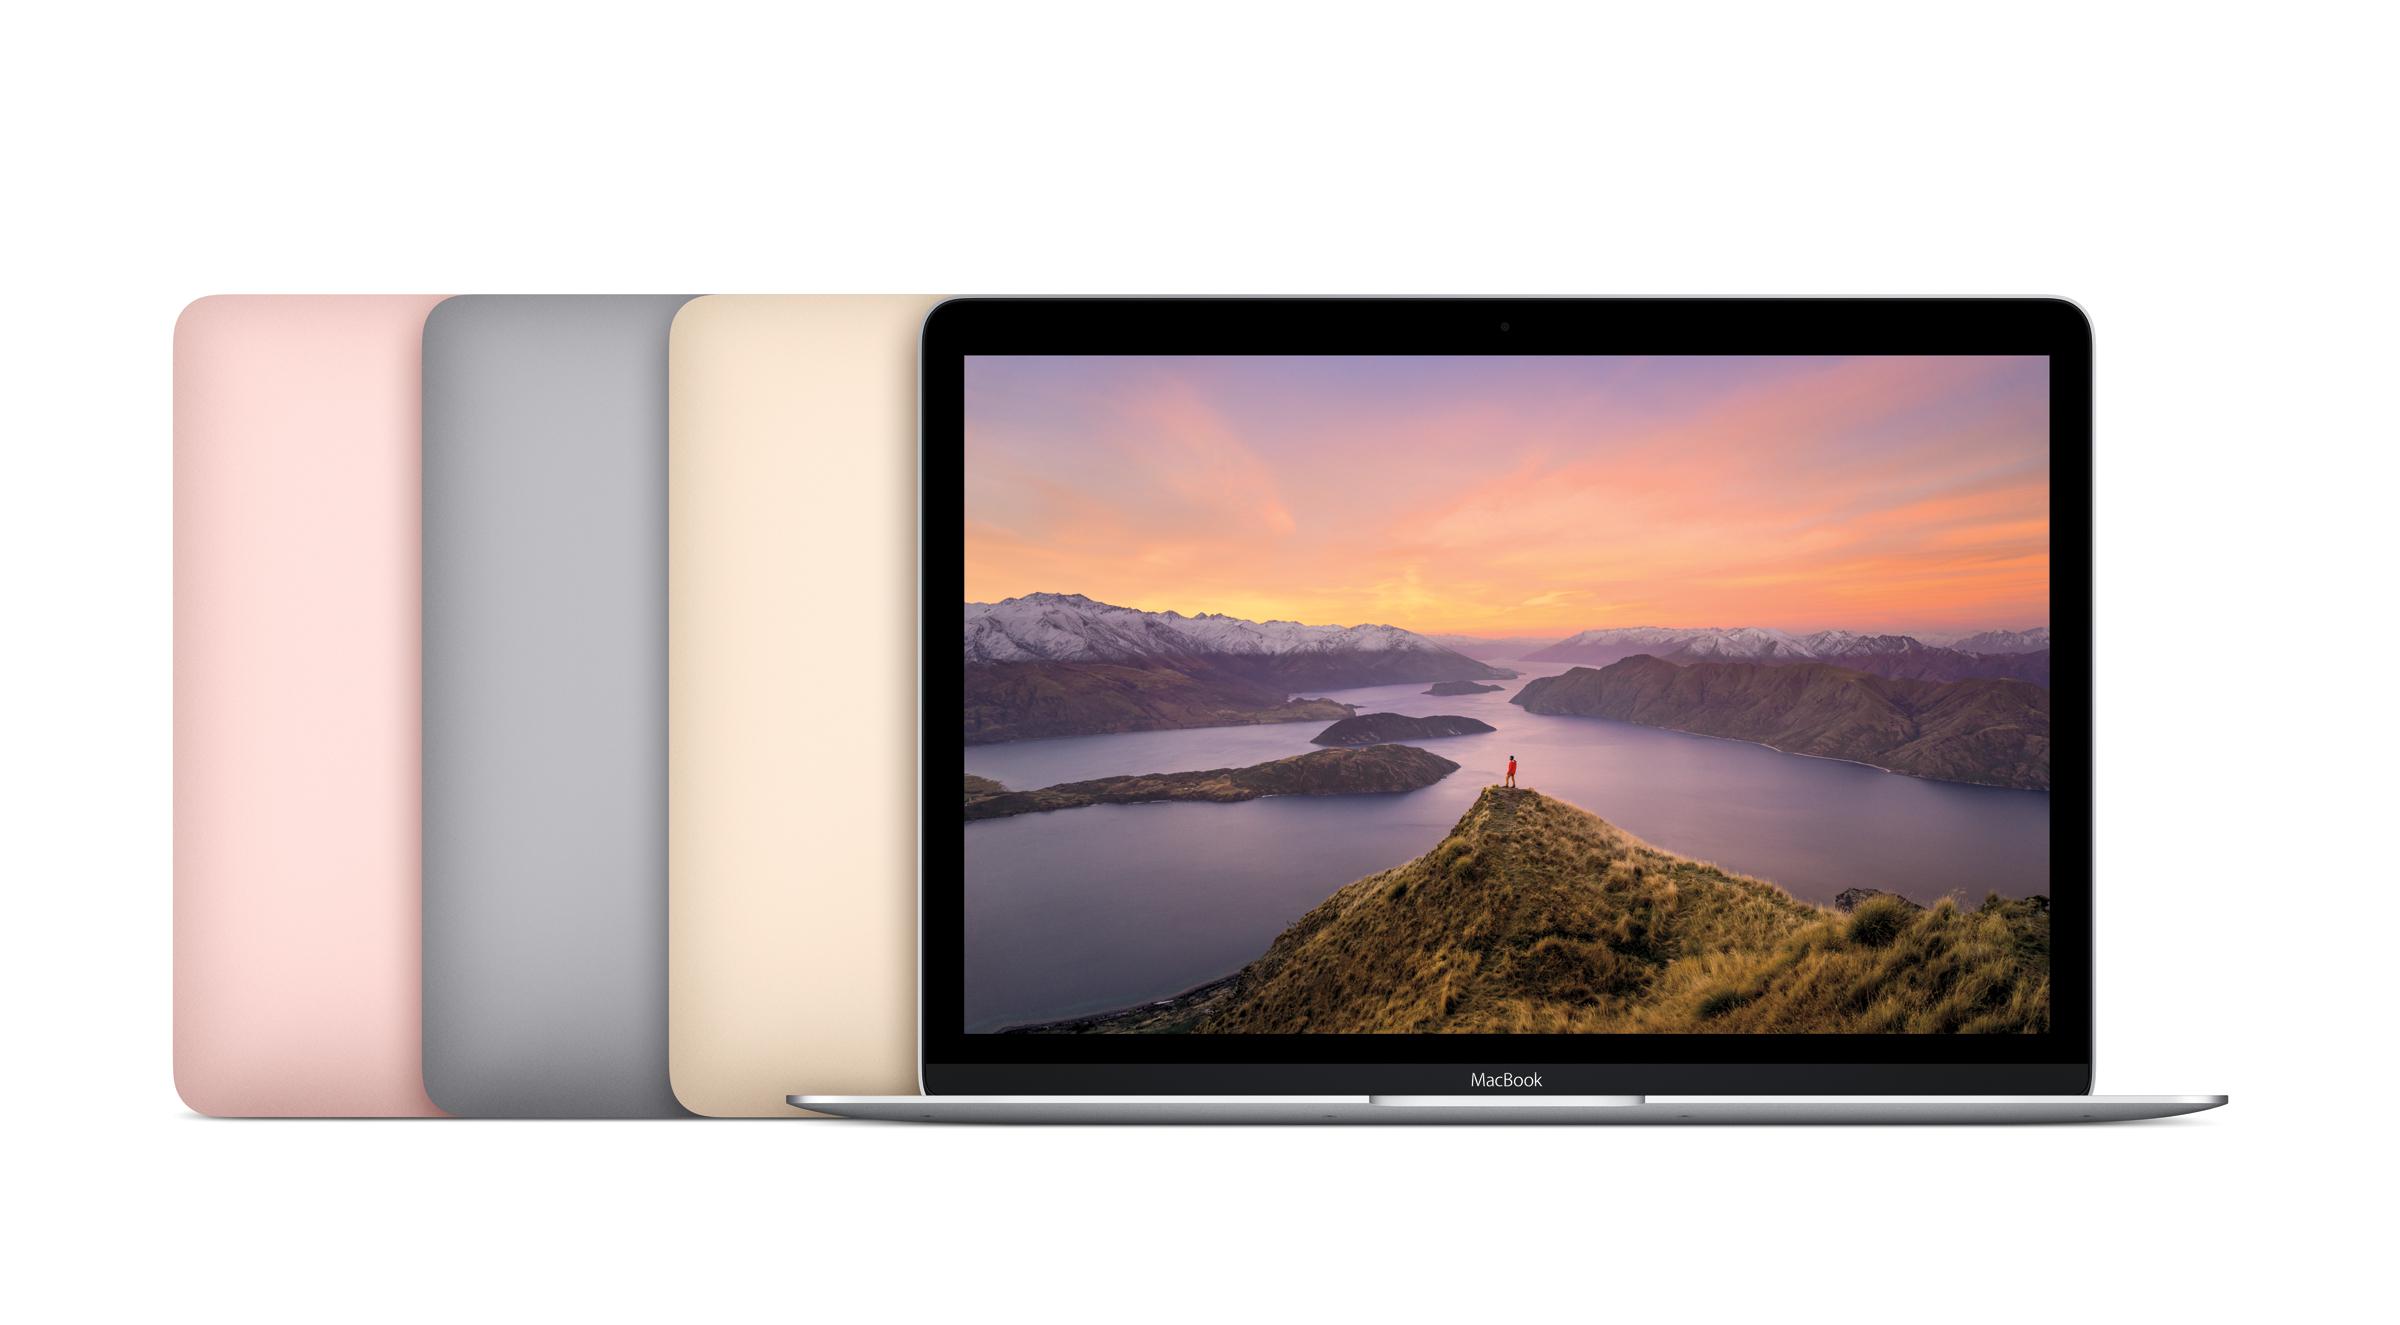 速報:MacBook新モデル発売。ローズゴールド追加、新Core mで性能向上&駆動時間延長 - Engadget Japanese